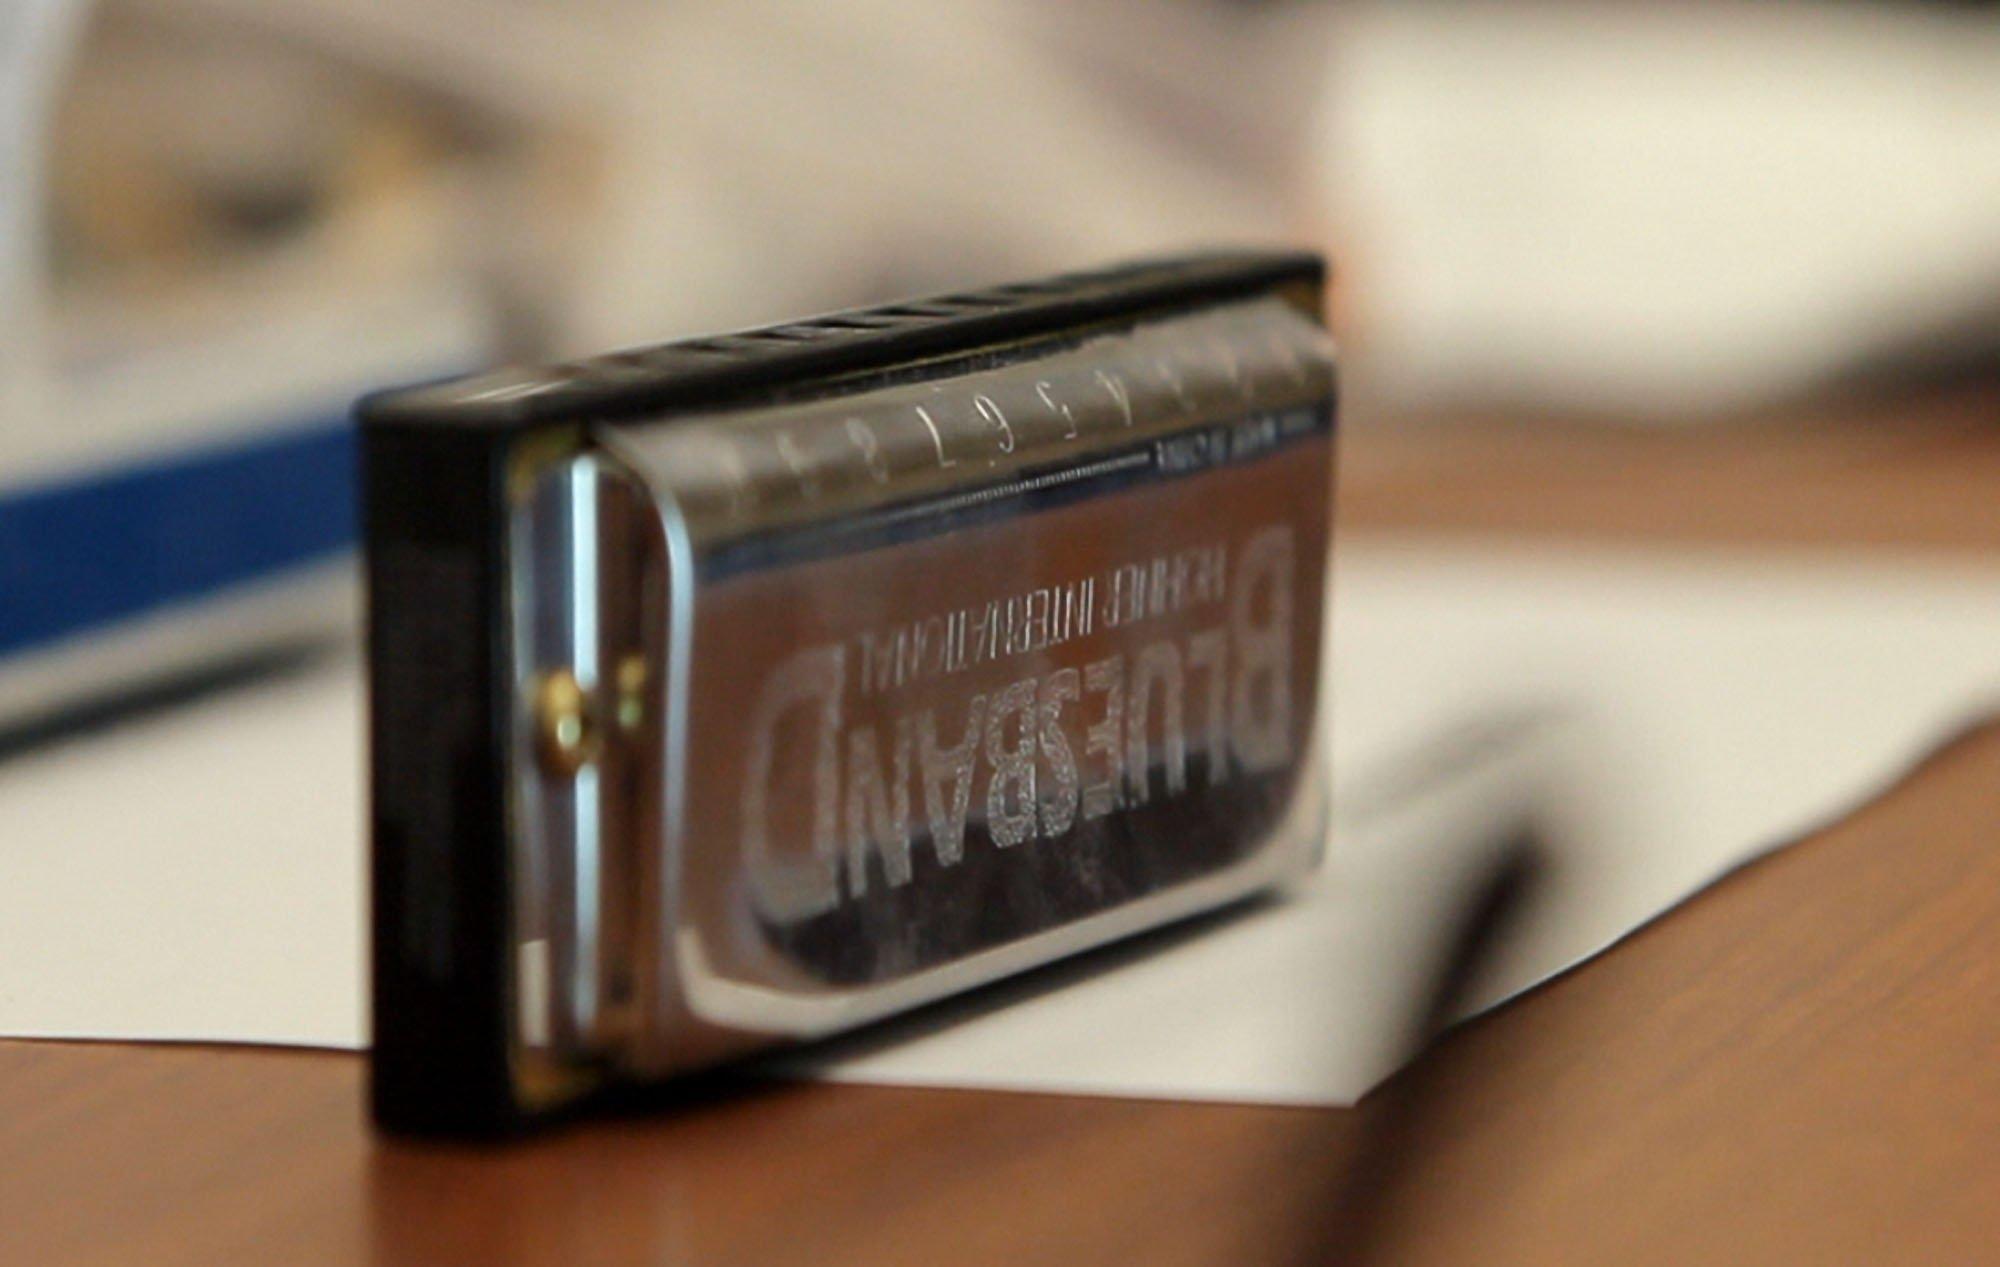 a harmonica lies on a table